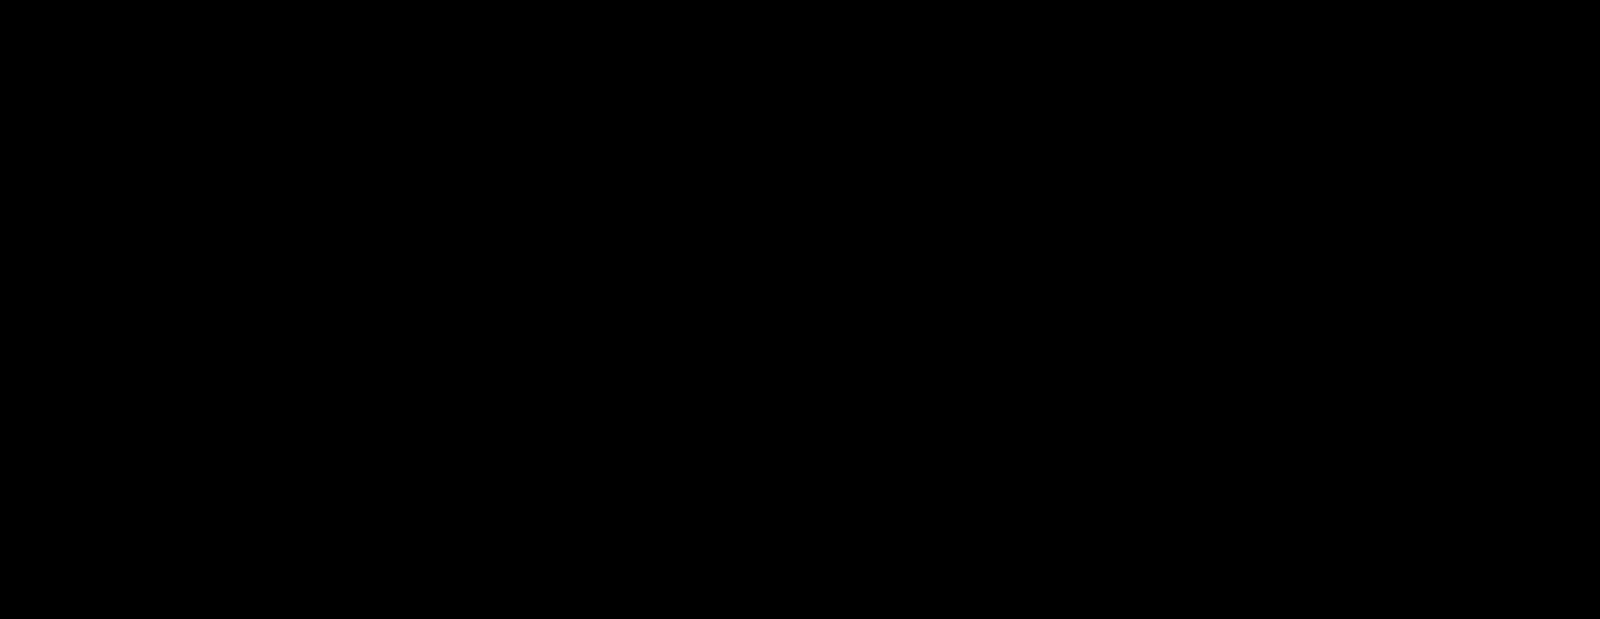 Pixel clipart batman symbol Batman on Mogzilla Mogzilla Batman